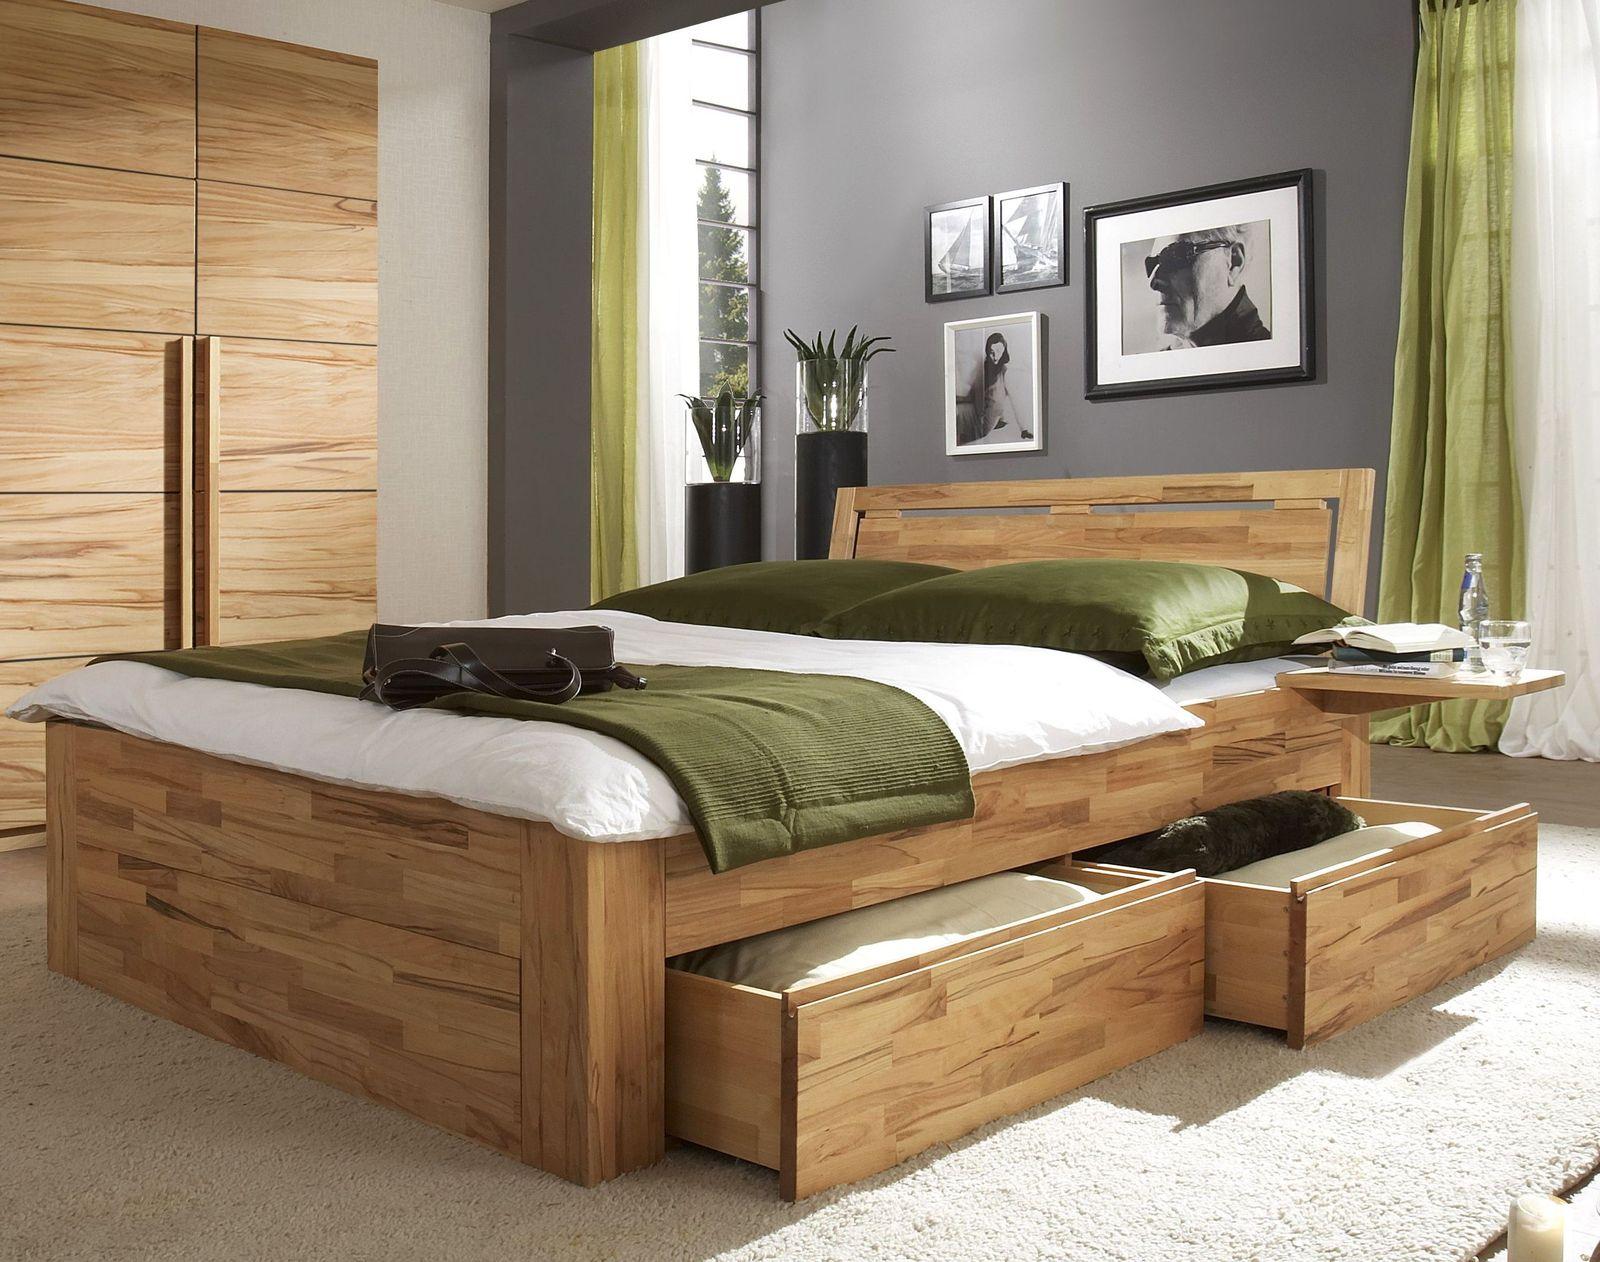 Schubkastenbett Mit Zusatzlichem Stauraum Bett Andalucia